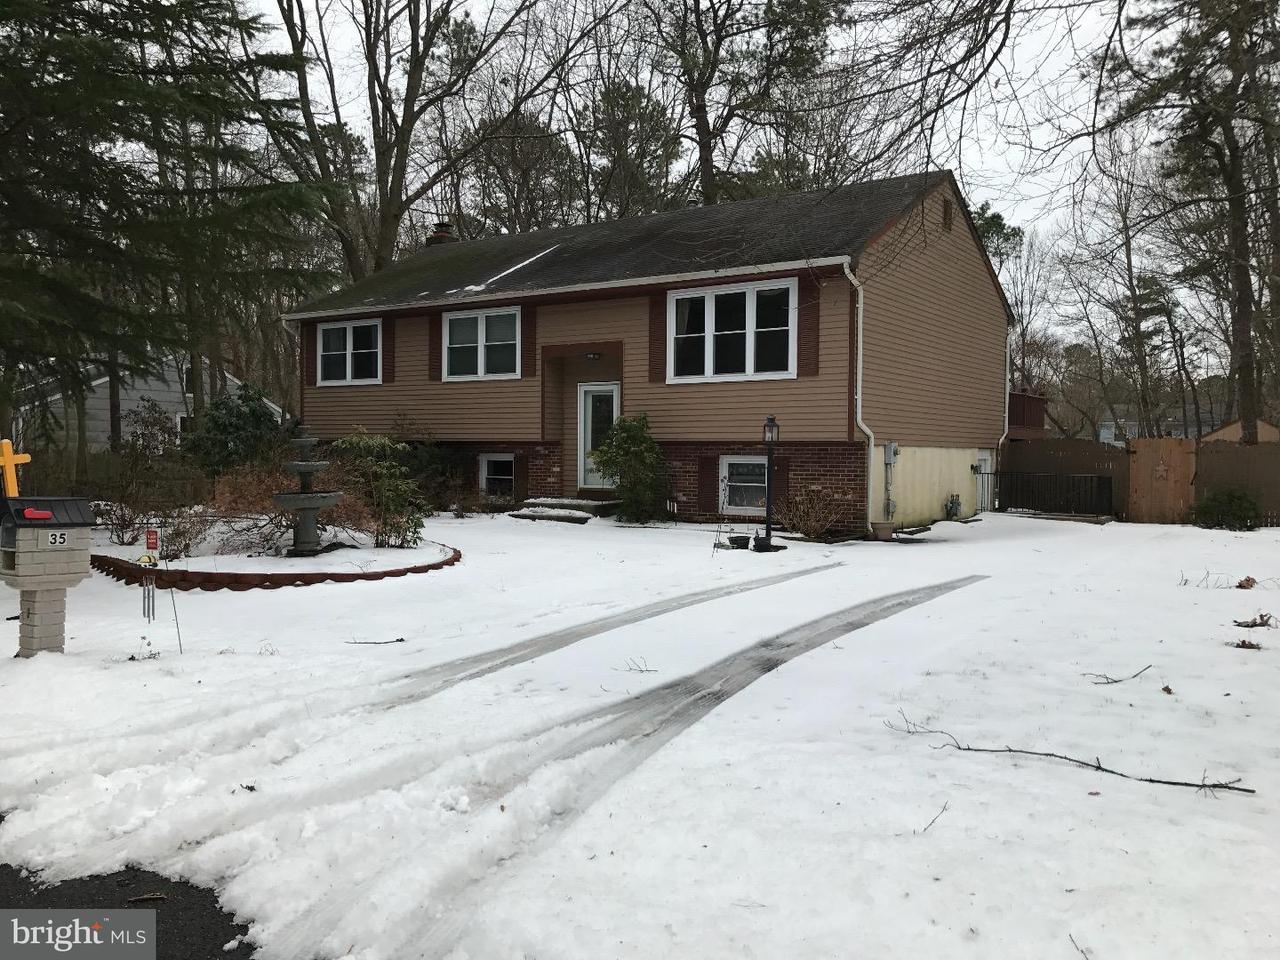 独户住宅 为 销售 在 35 BIRCHWOOD WAY Gibbsboro, 新泽西州 08026 美国